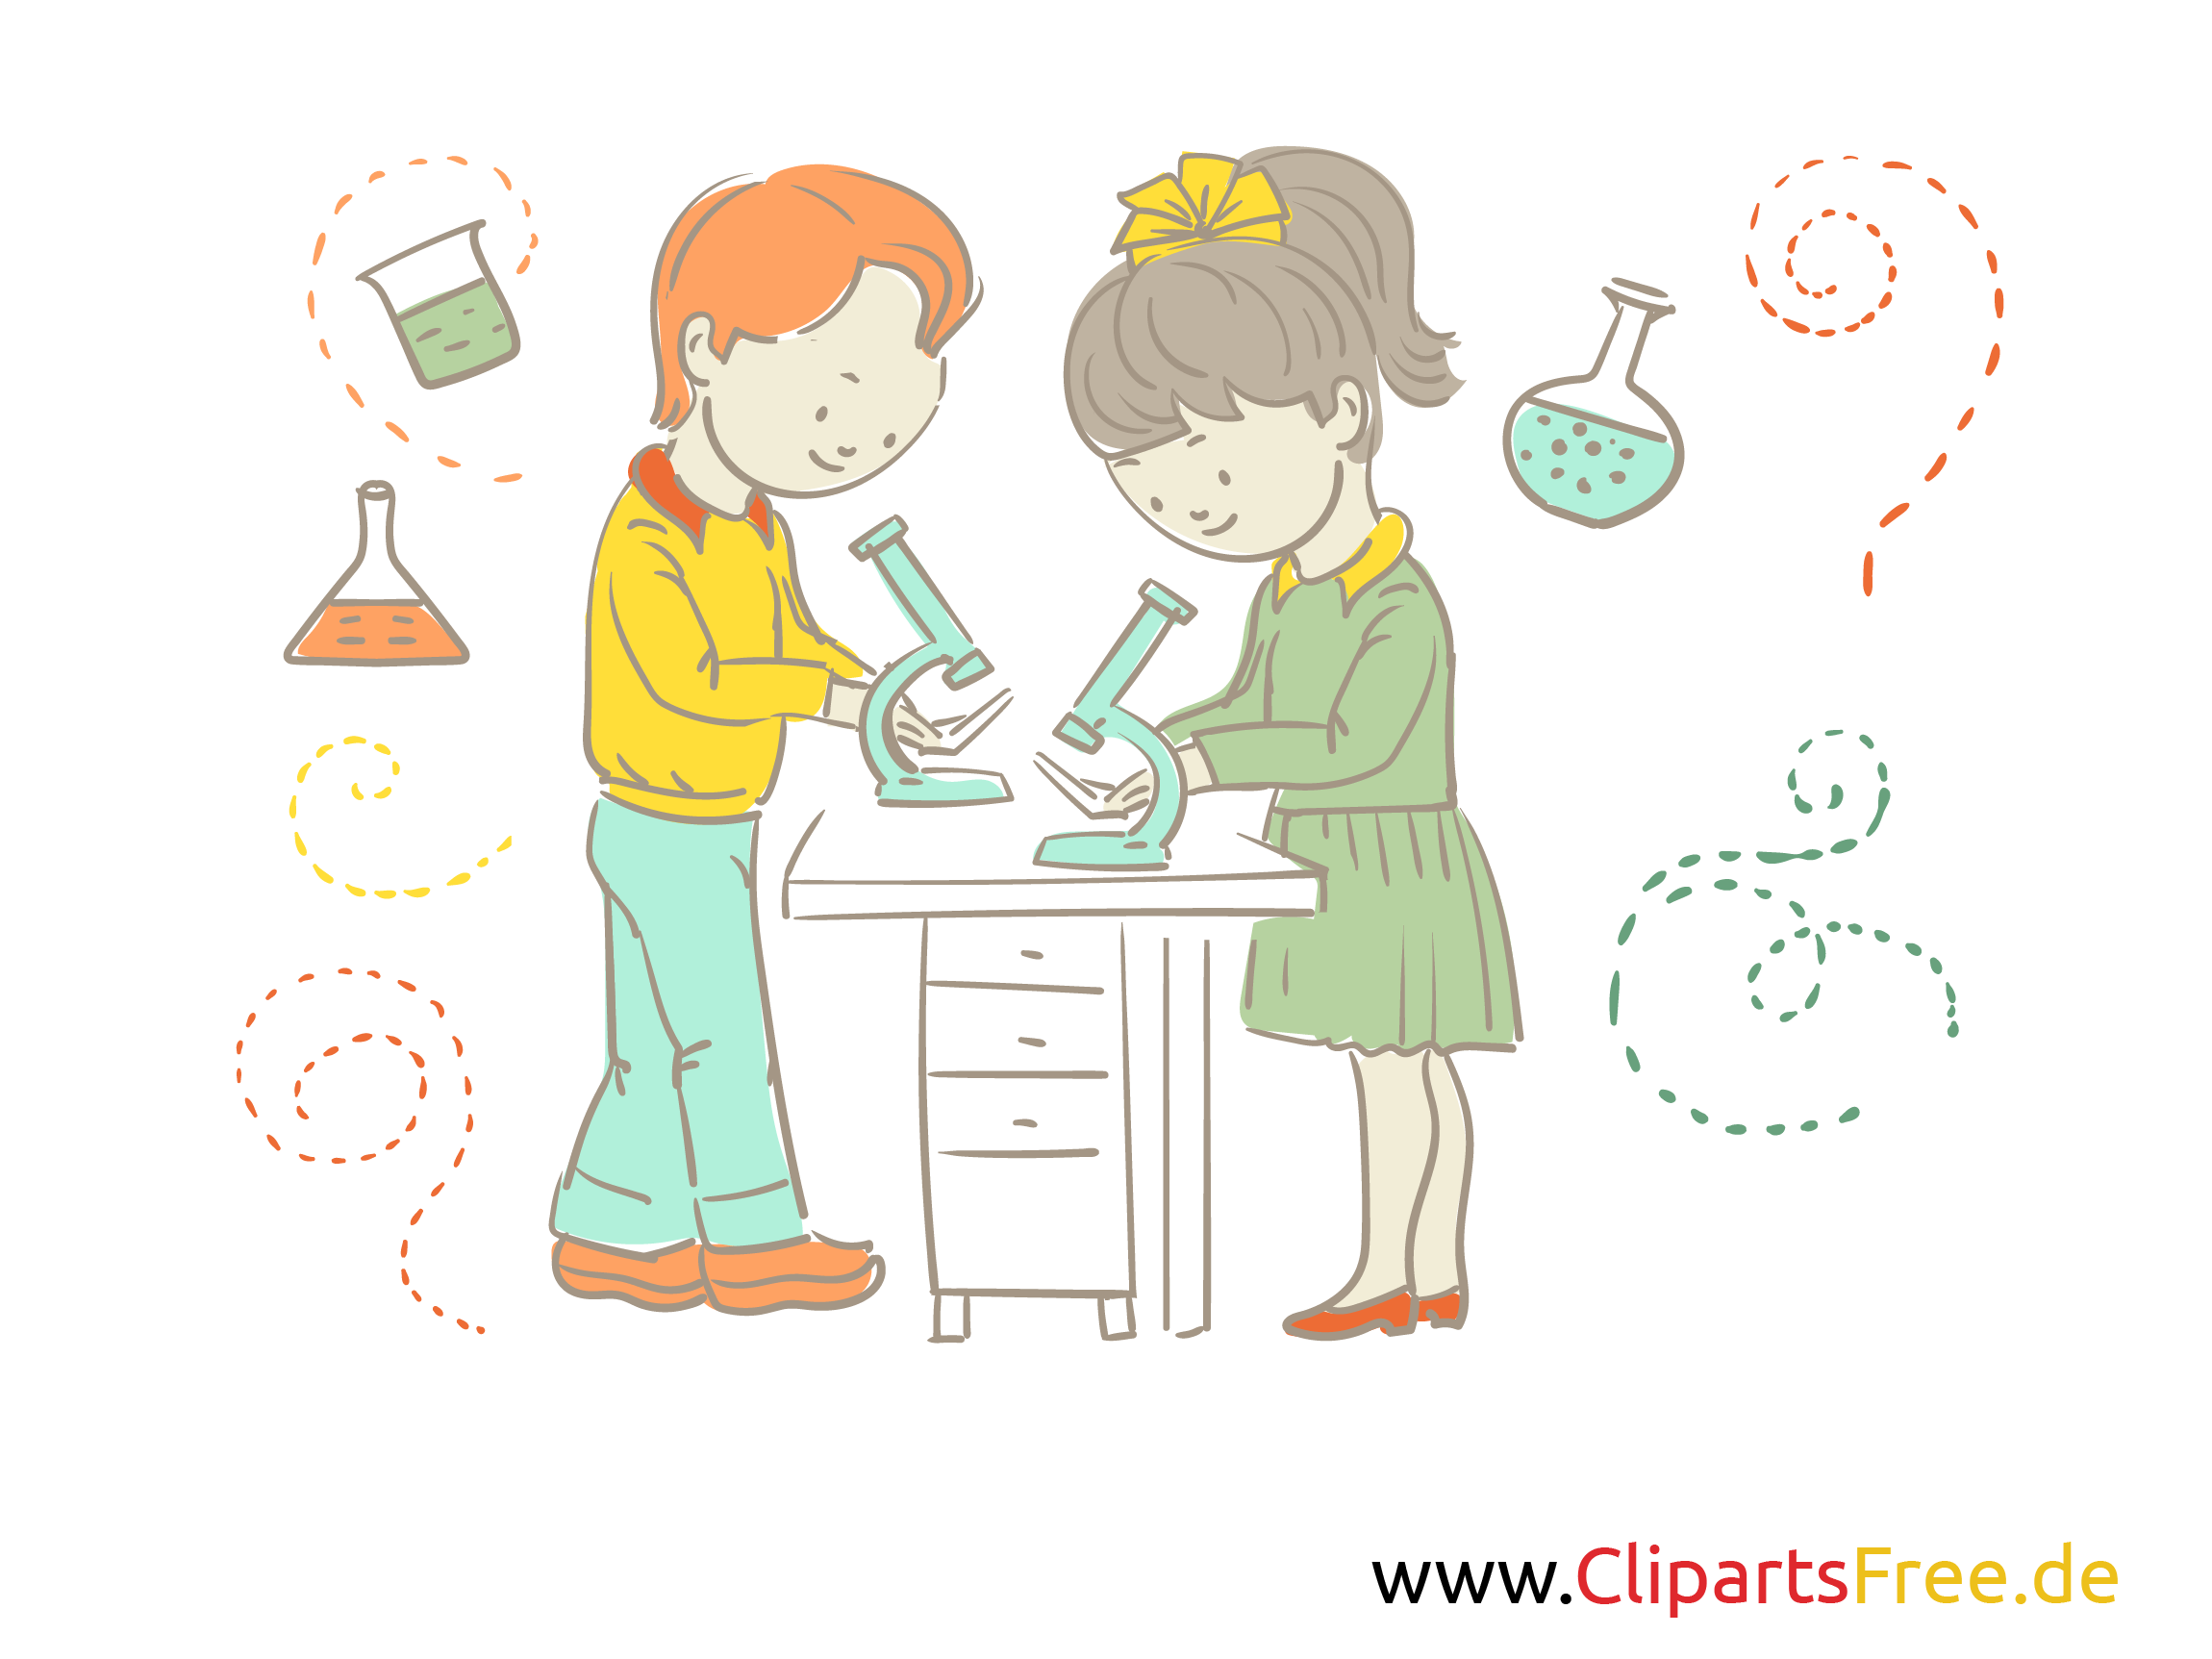 Bilder für den Unterricht - Chemie-Unterricht Illustration